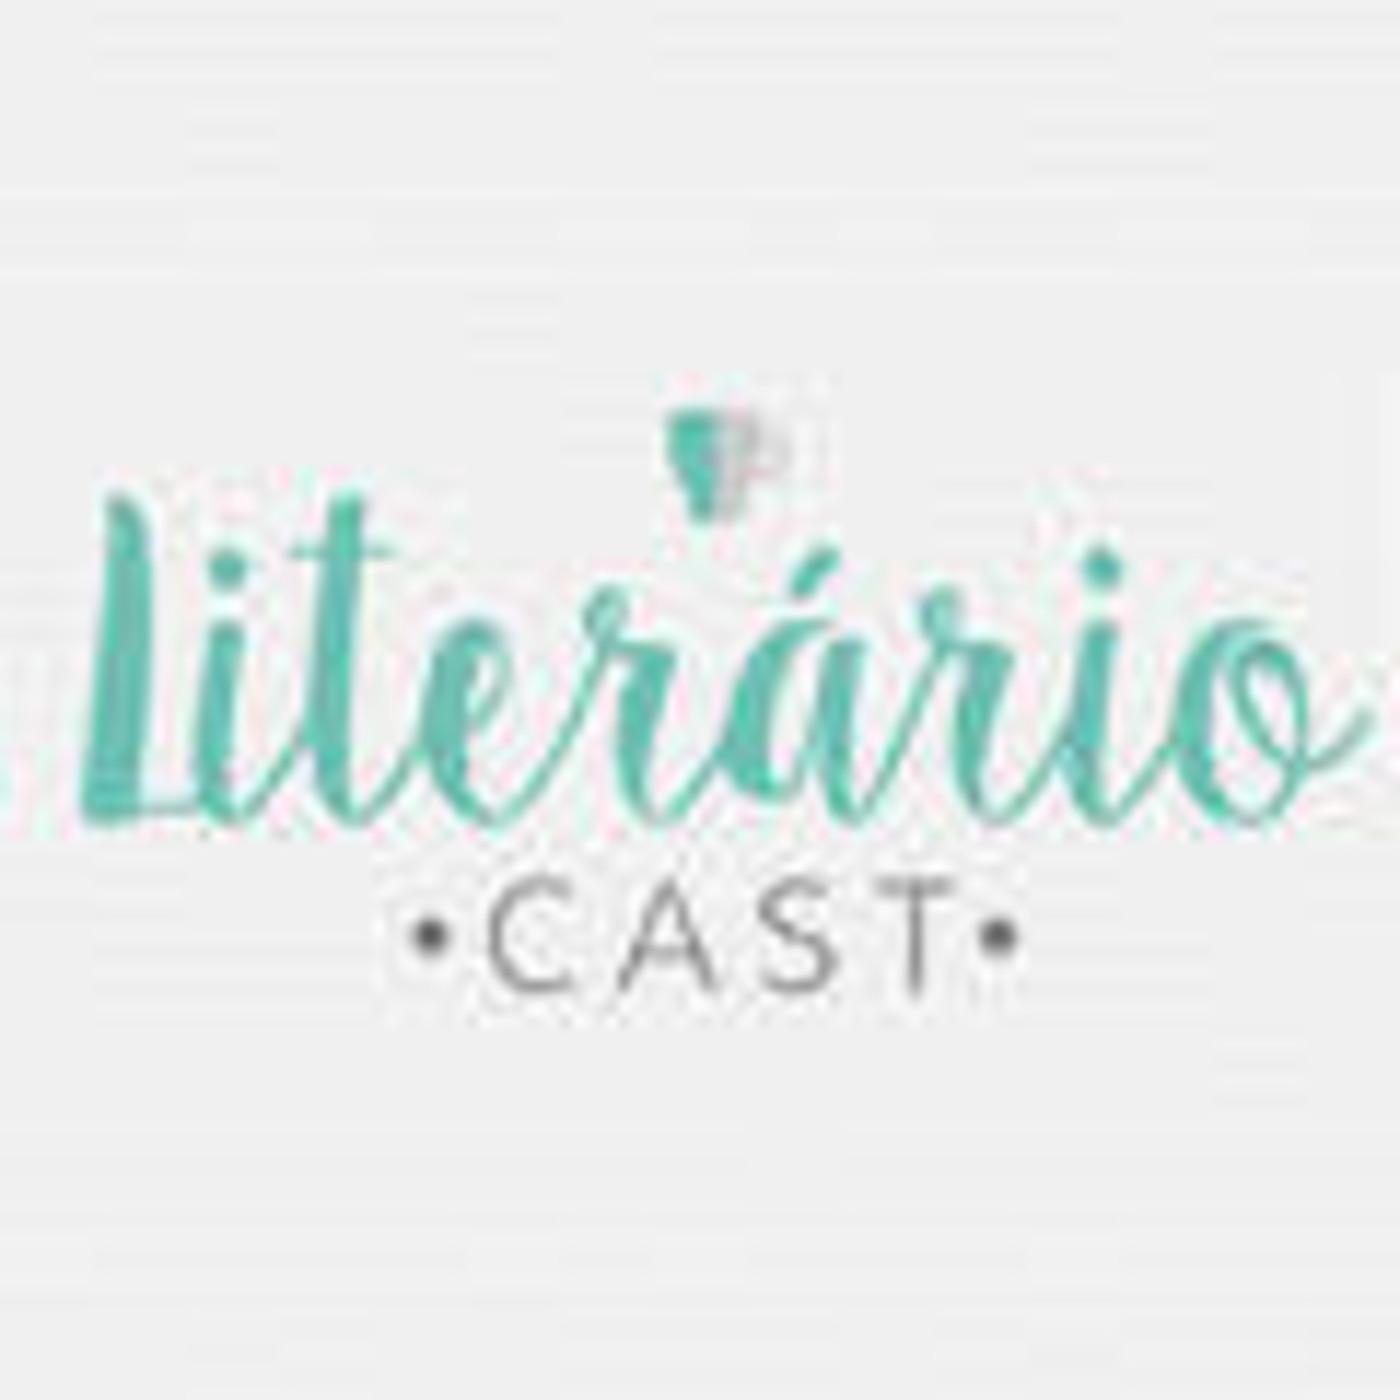 Portal LiterárioCast